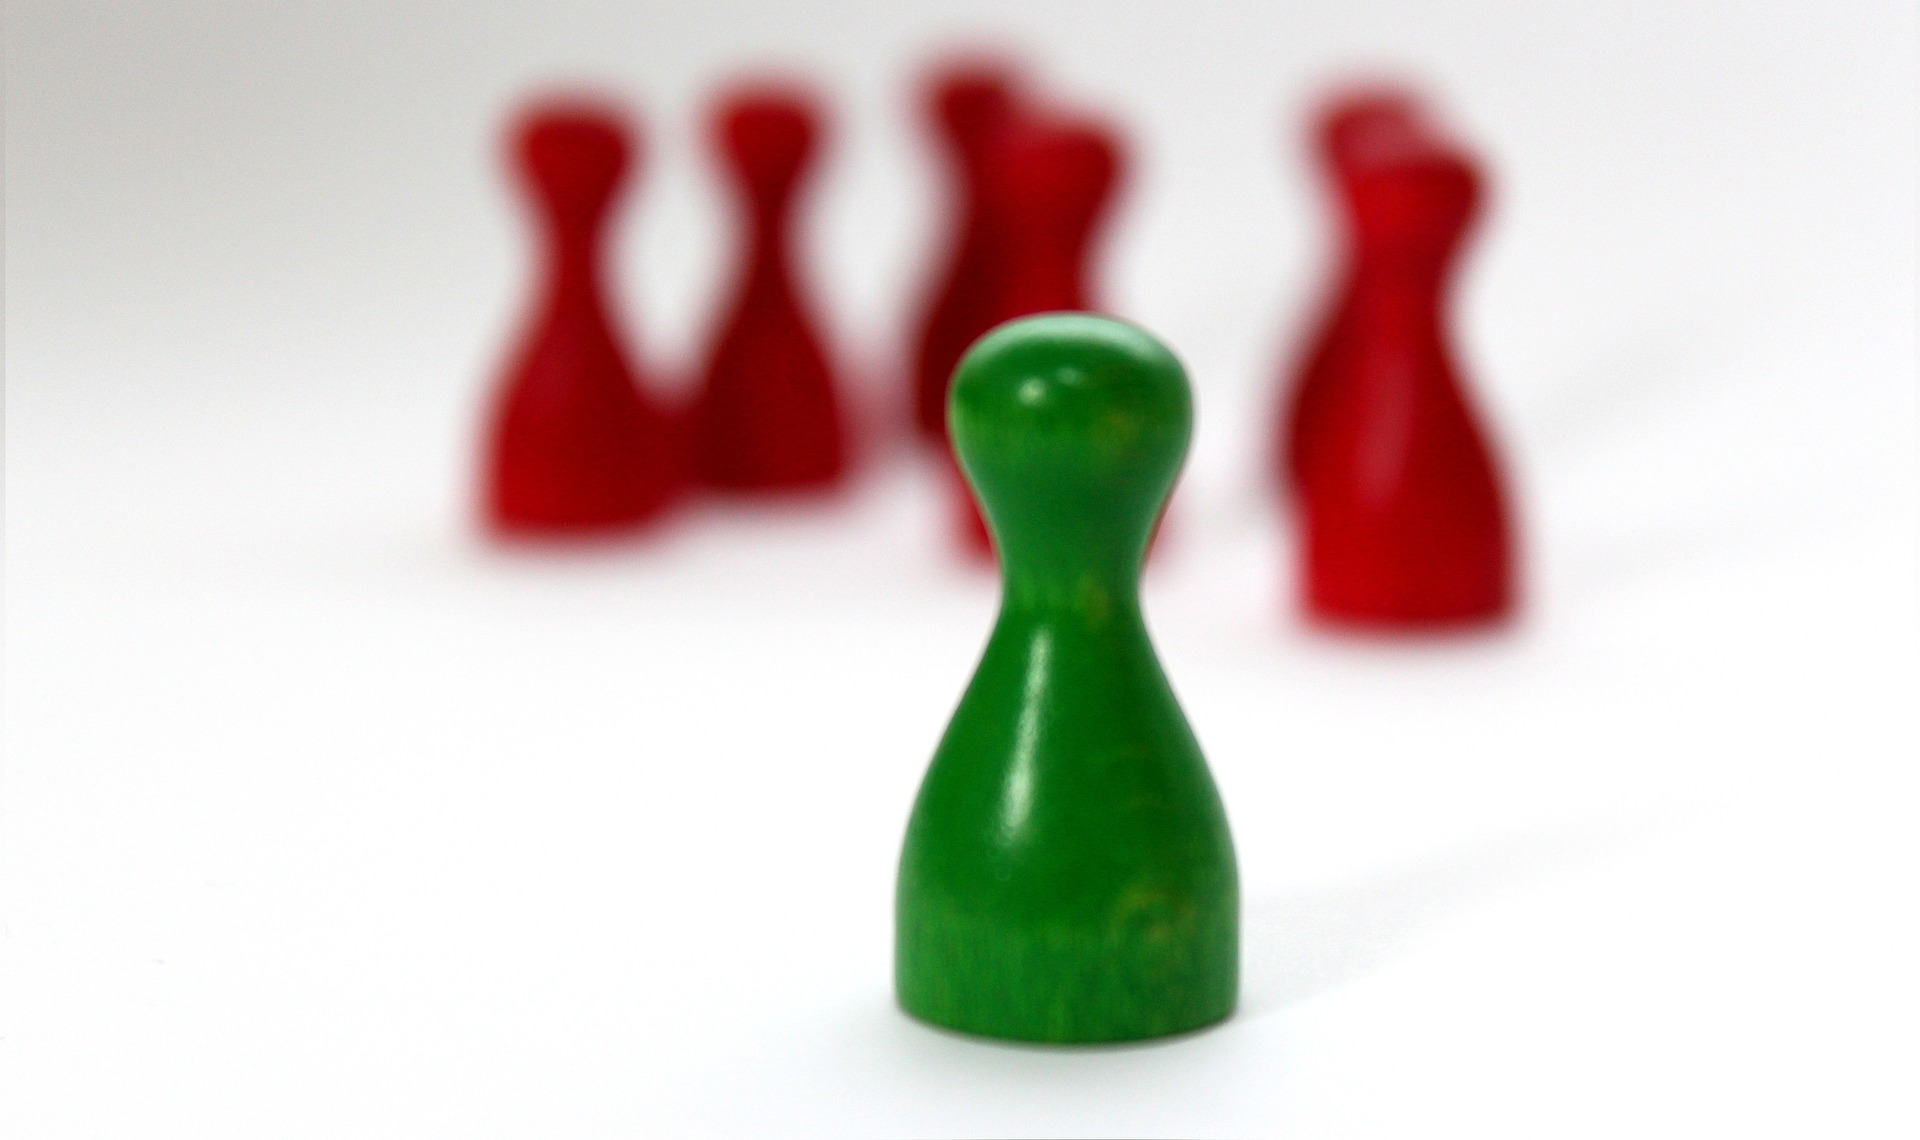 Im Hintergrund sechs rote Spielfiguren und davon isoliert im Vordergrund eine grüne Spielfigur.